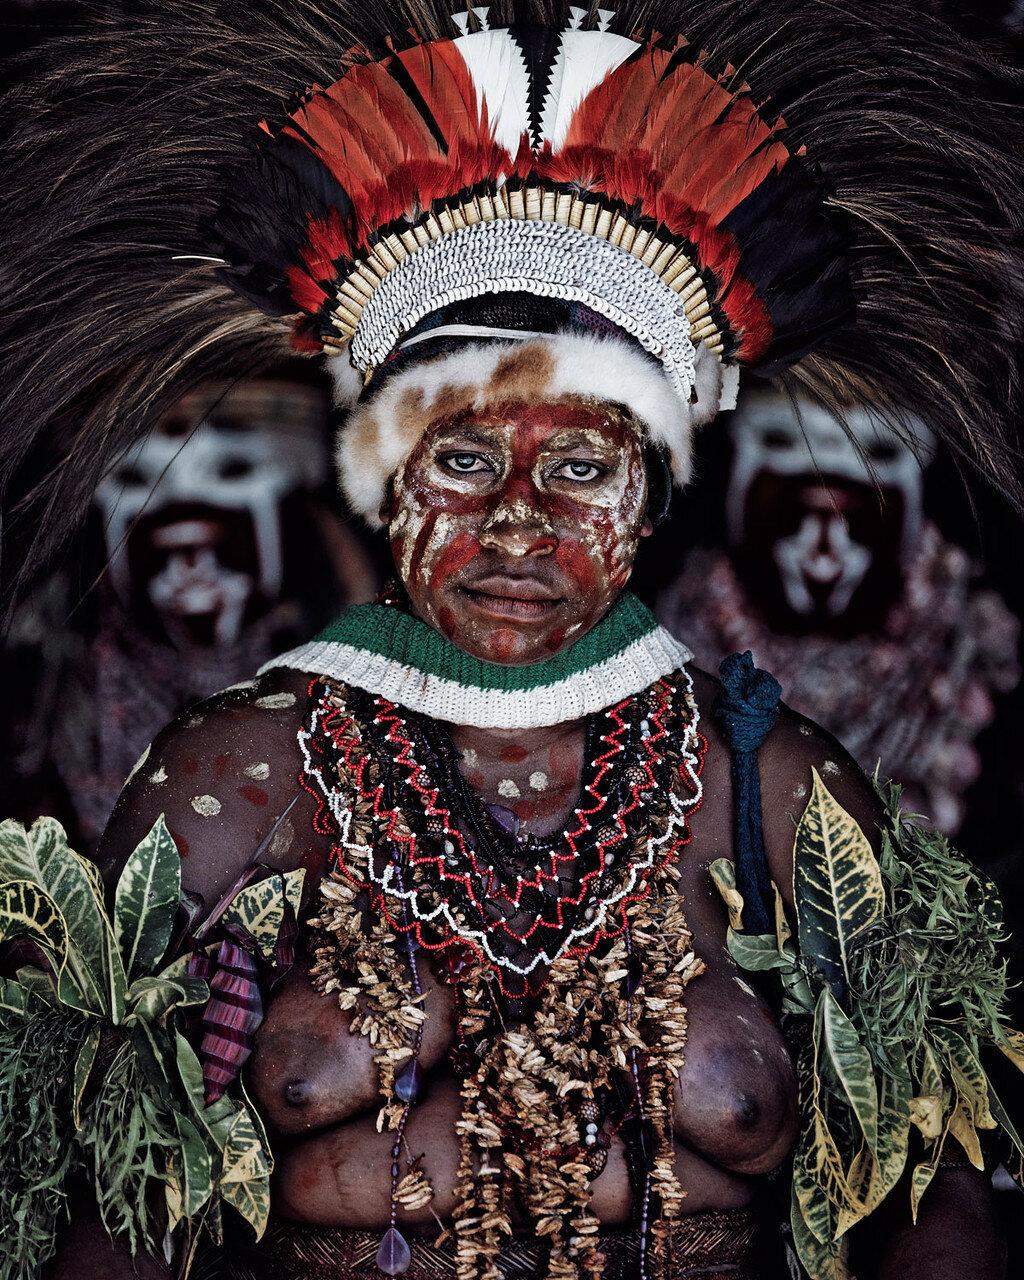 Джимми Нельсон. Проект «Пока они не исчезли». Папуа-Новая Гвинея. Народности горока и хули